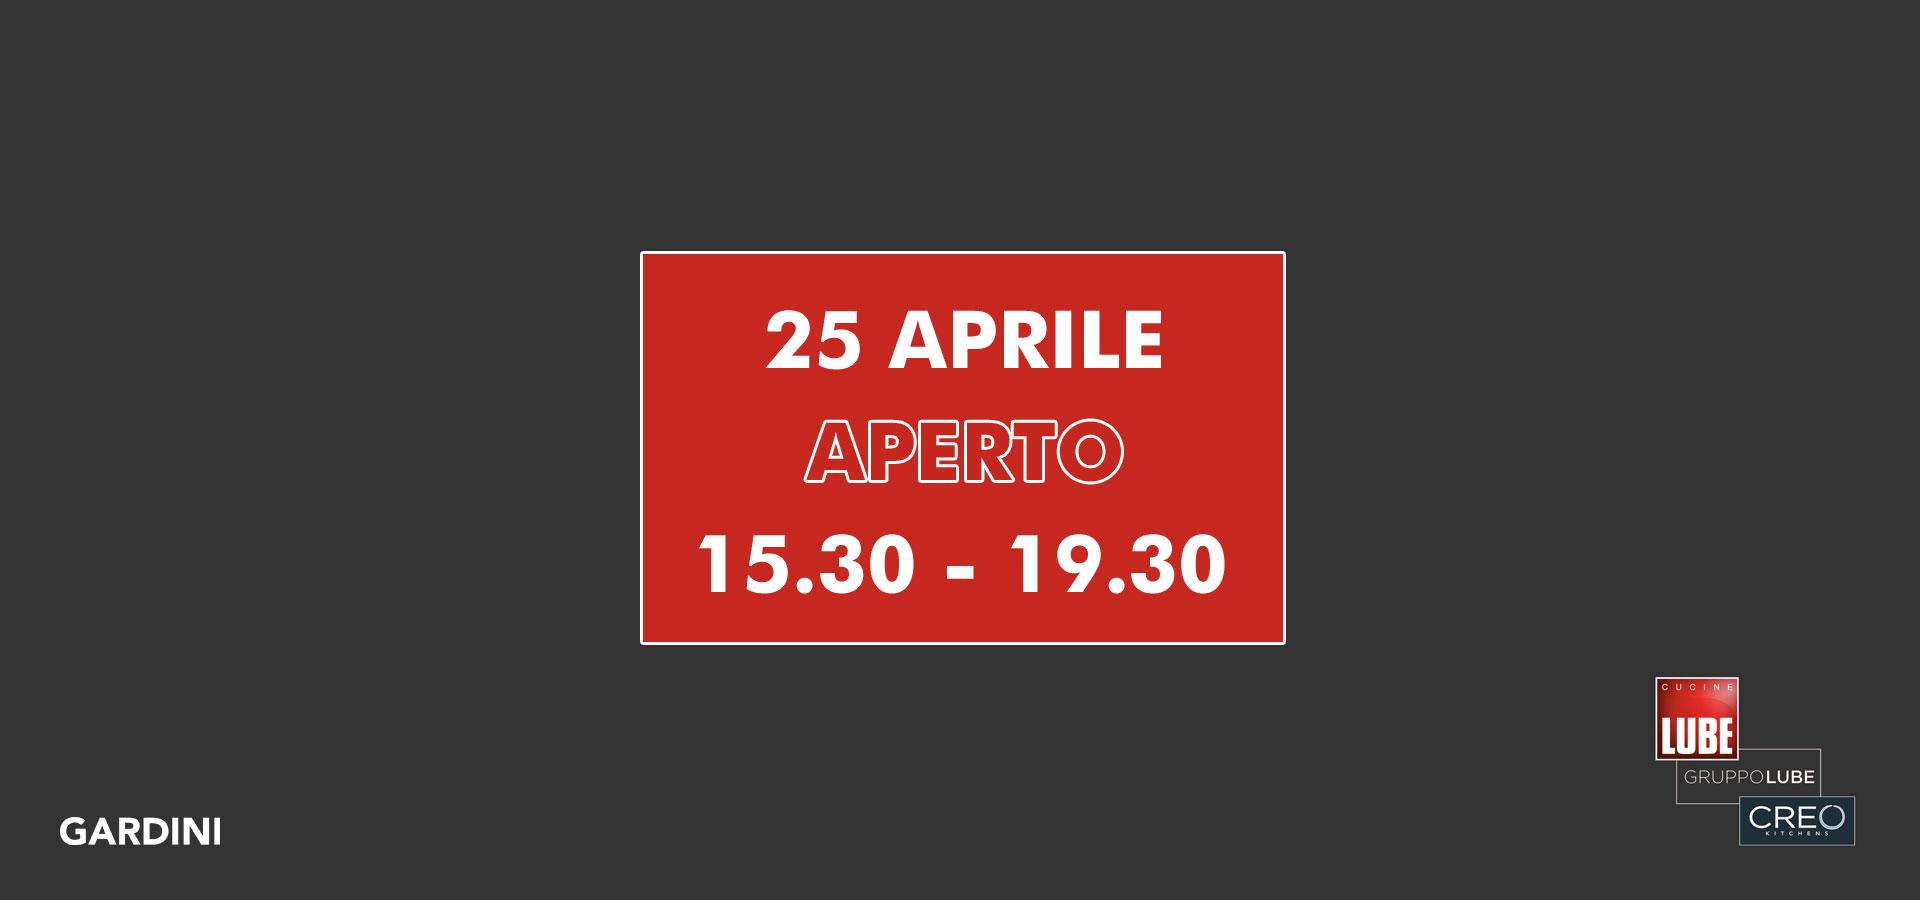 25 aprile aperto pome